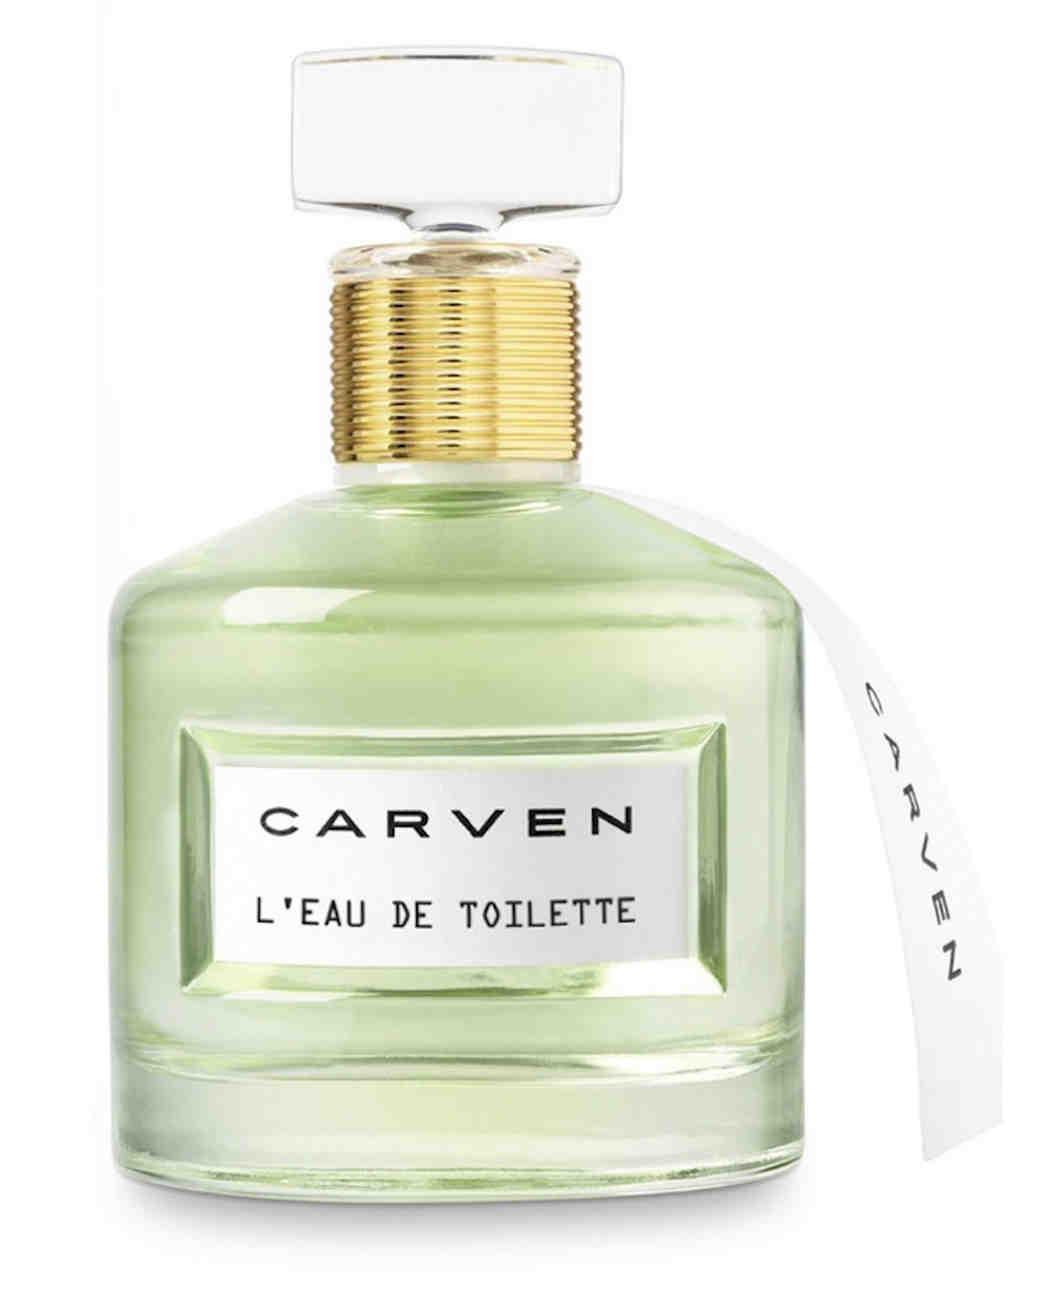 fragrances-summer-2014-carven-eau-de-toilette-0714.jpg